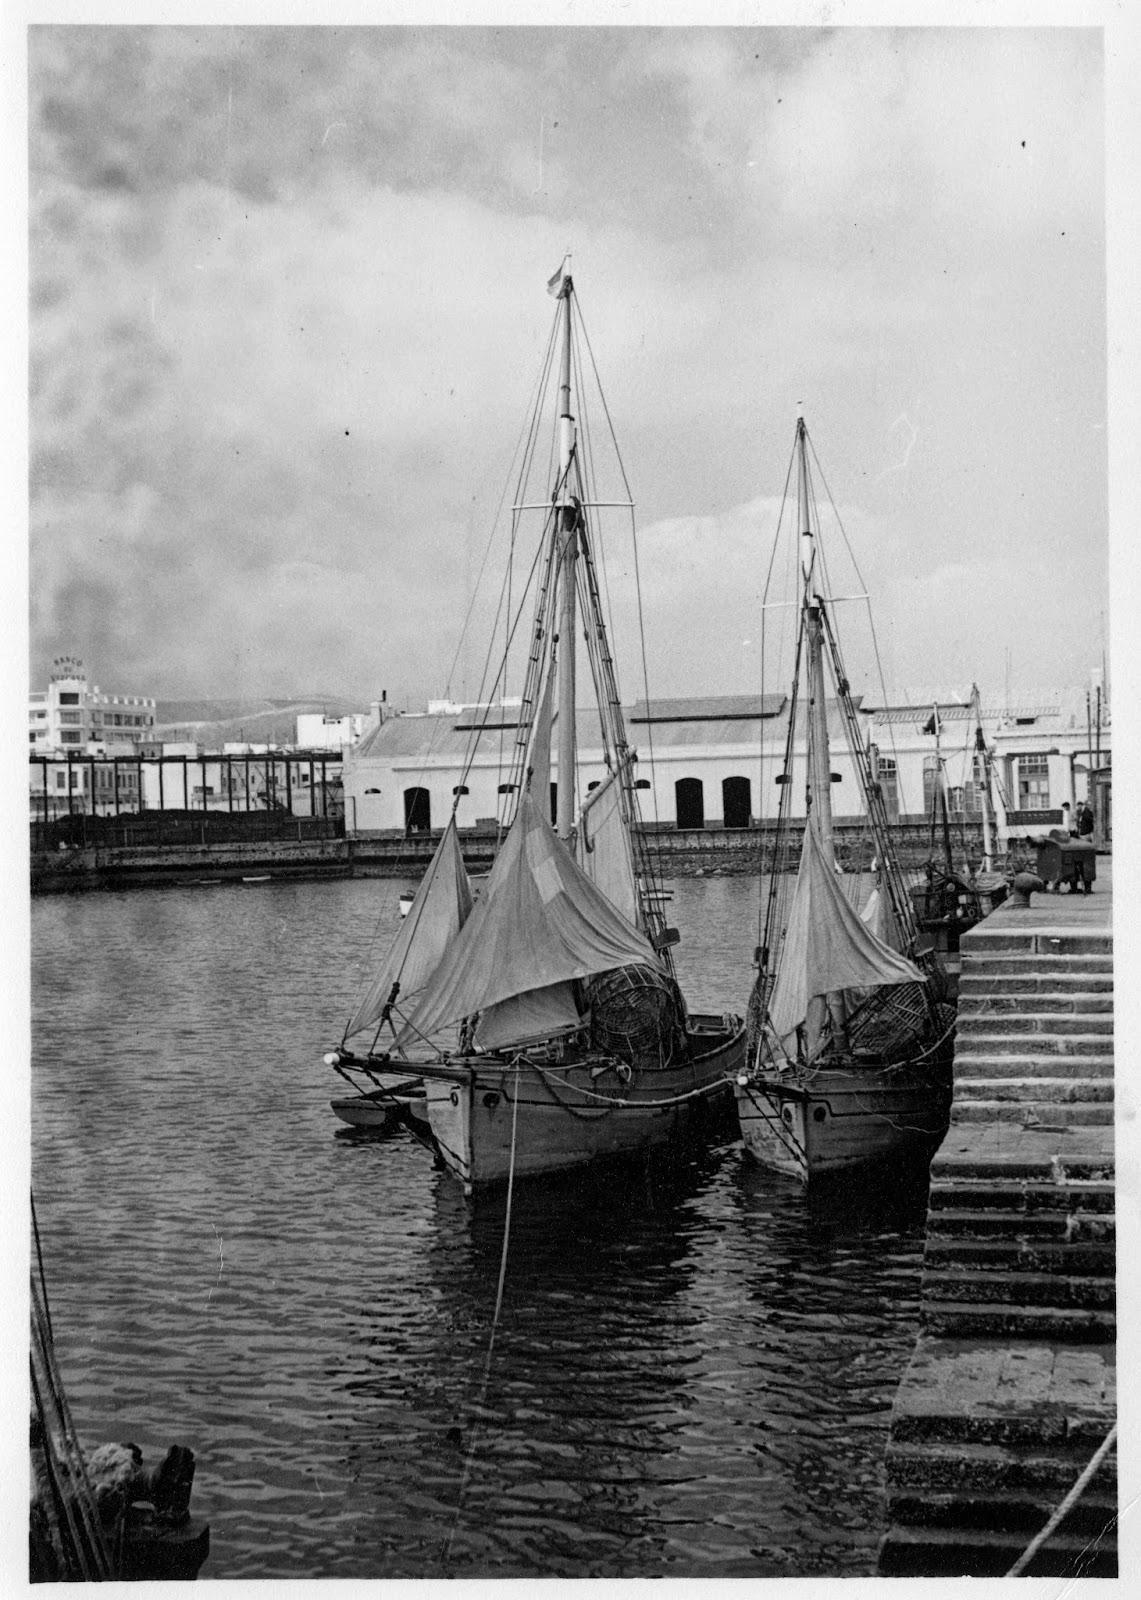 Imagen propiedad de MDC. Realizada entre los años 1950 y 1959. Fotógrafo sin identificar.